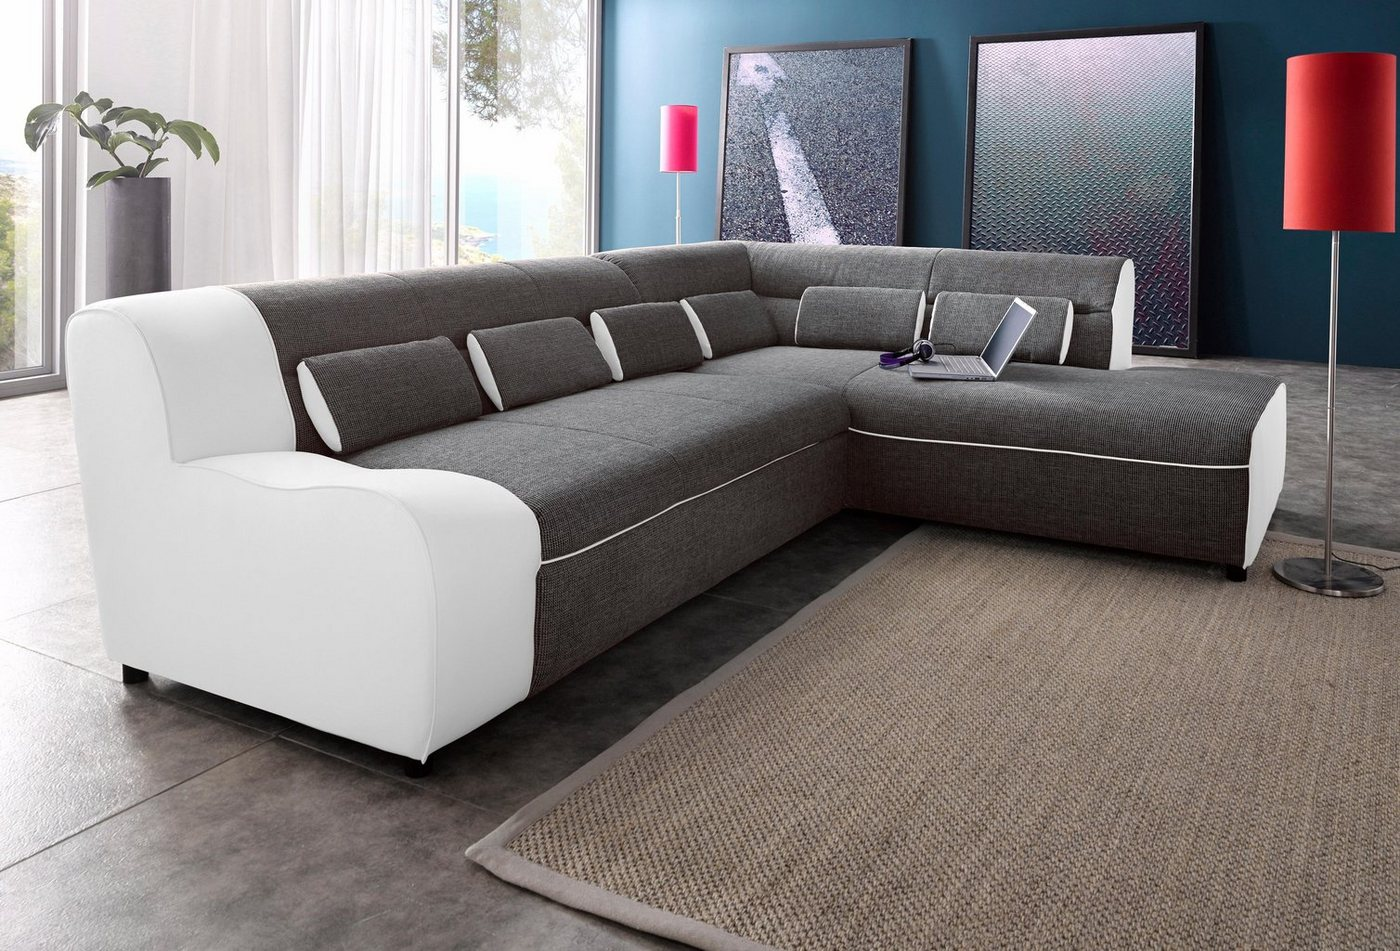 ecksofa mit schlaffunktion f r kleine r ume inspirierendes design f r wohnm bel. Black Bedroom Furniture Sets. Home Design Ideas